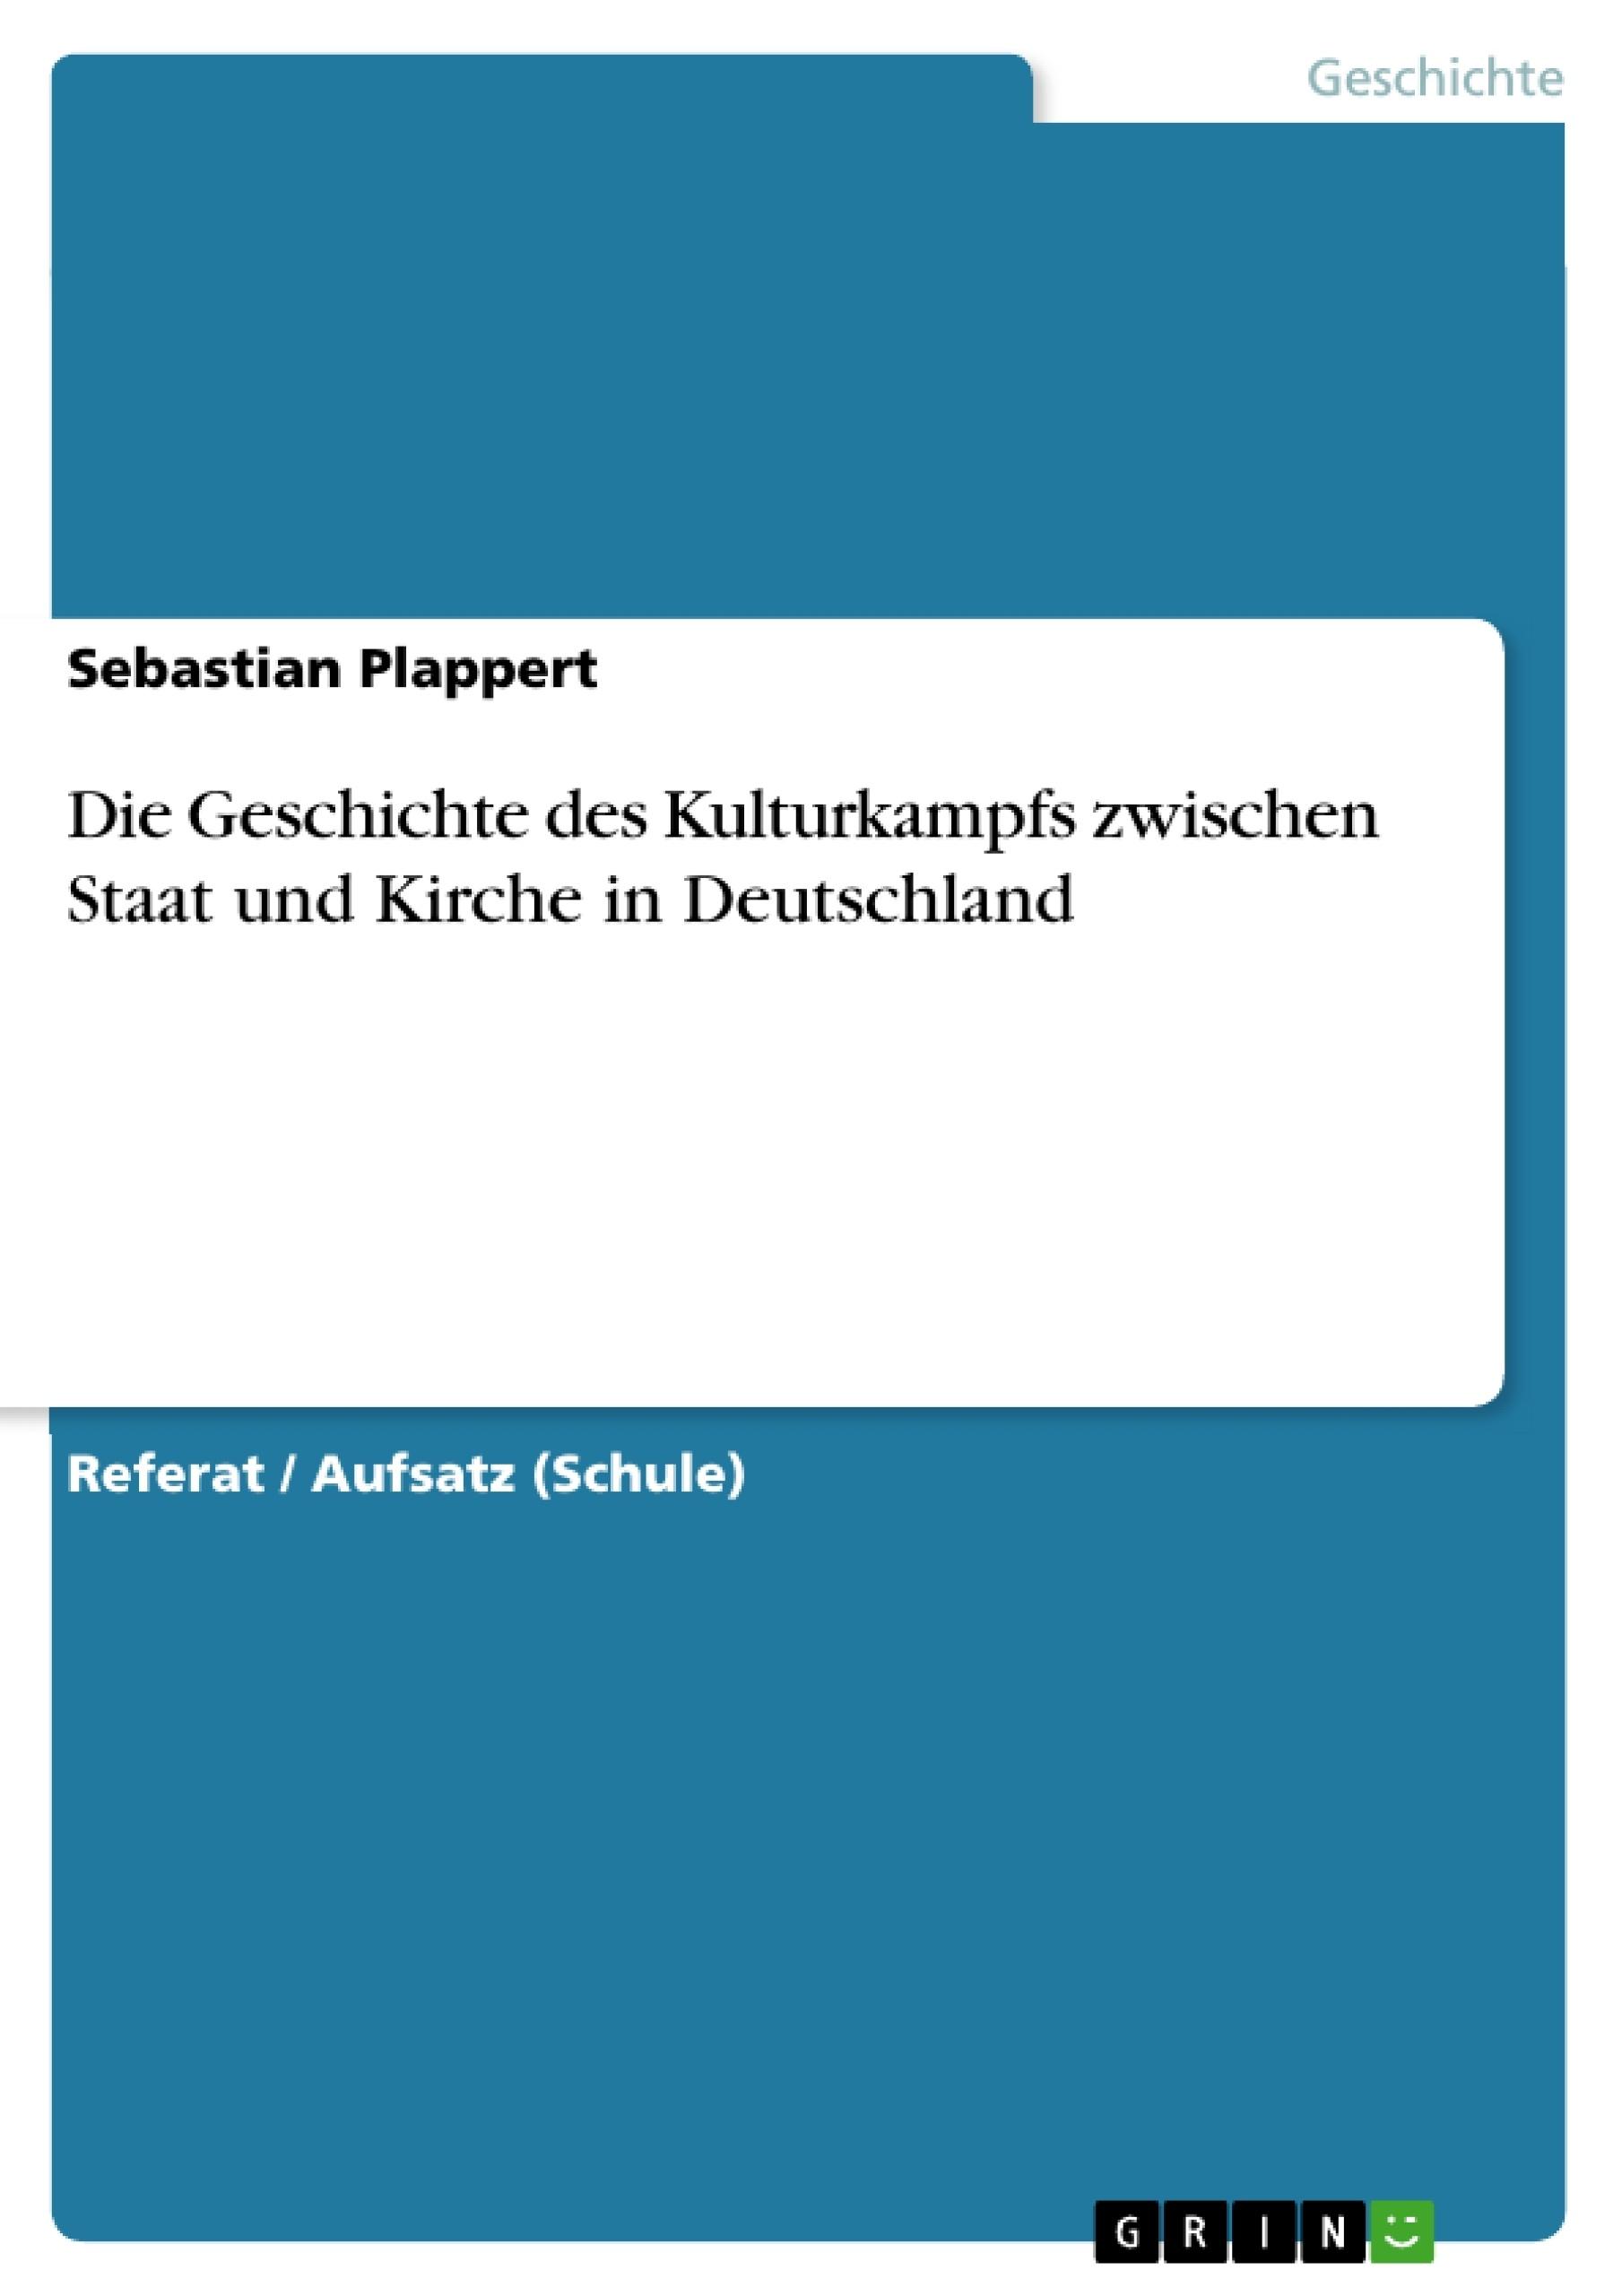 Titel: Die Geschichte des Kulturkampfs zwischen Staat und Kirche in Deutschland